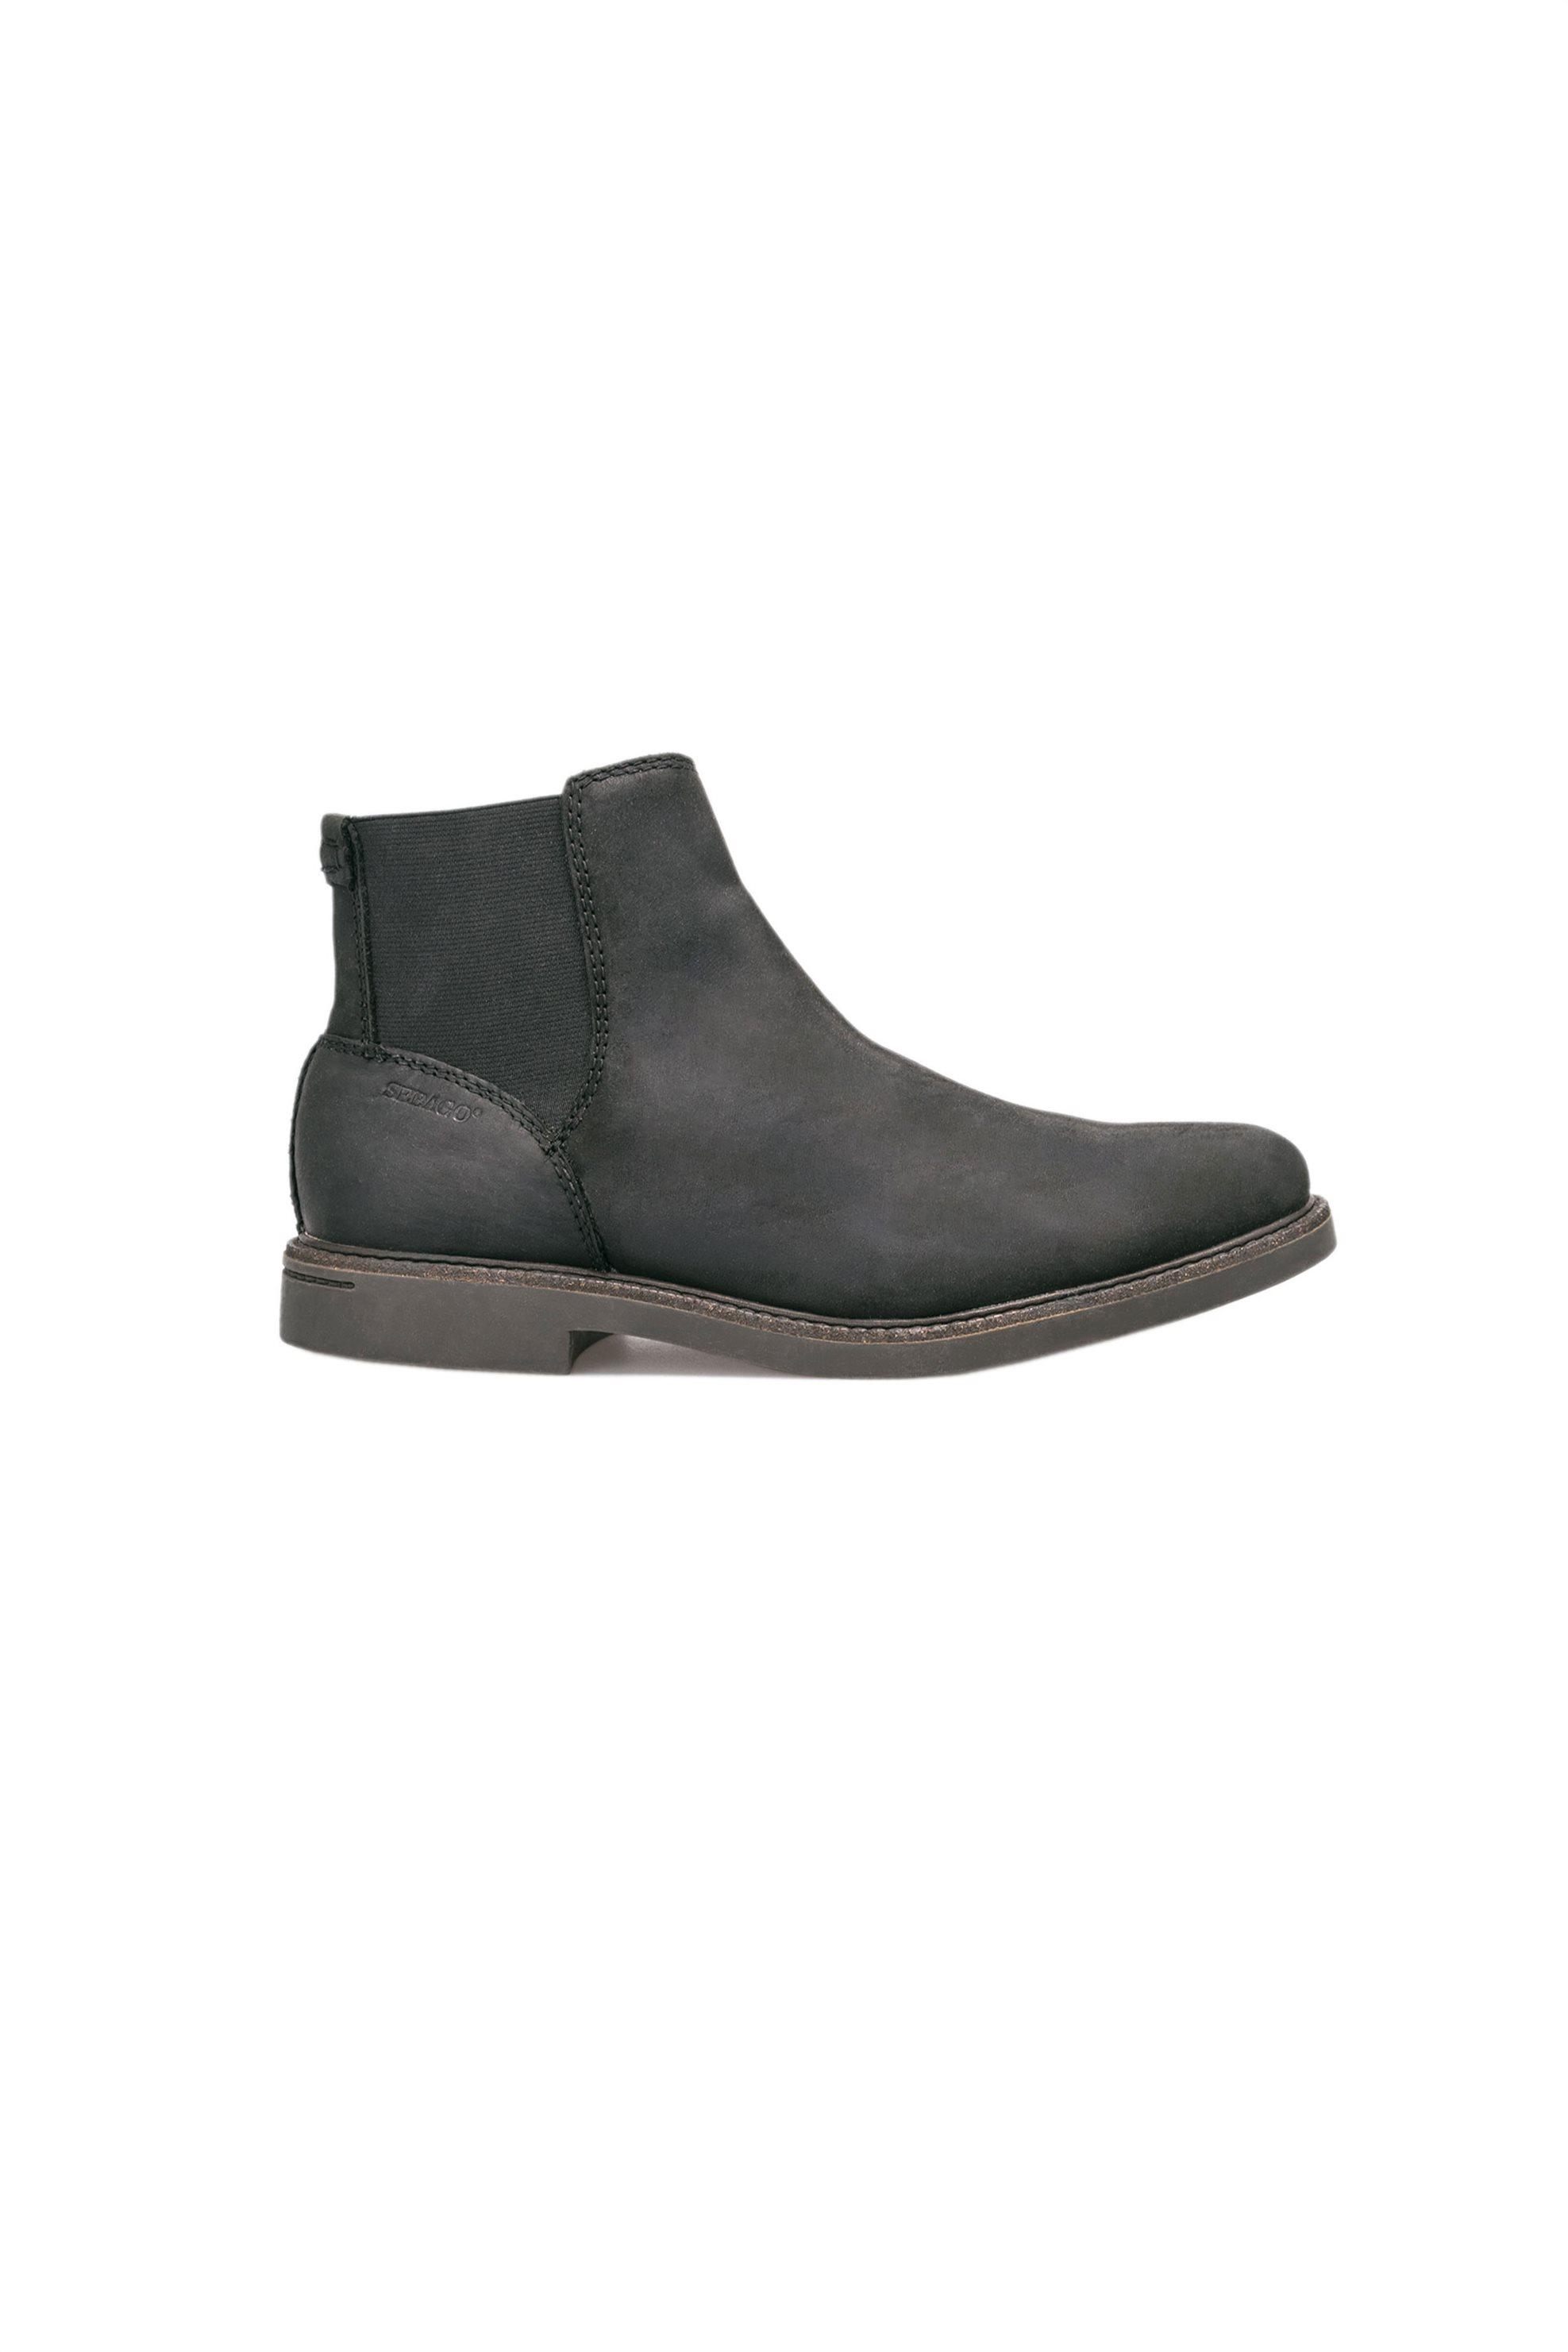 Ανδρικά παπούτσια Sebago – B810243 – Μαύρο